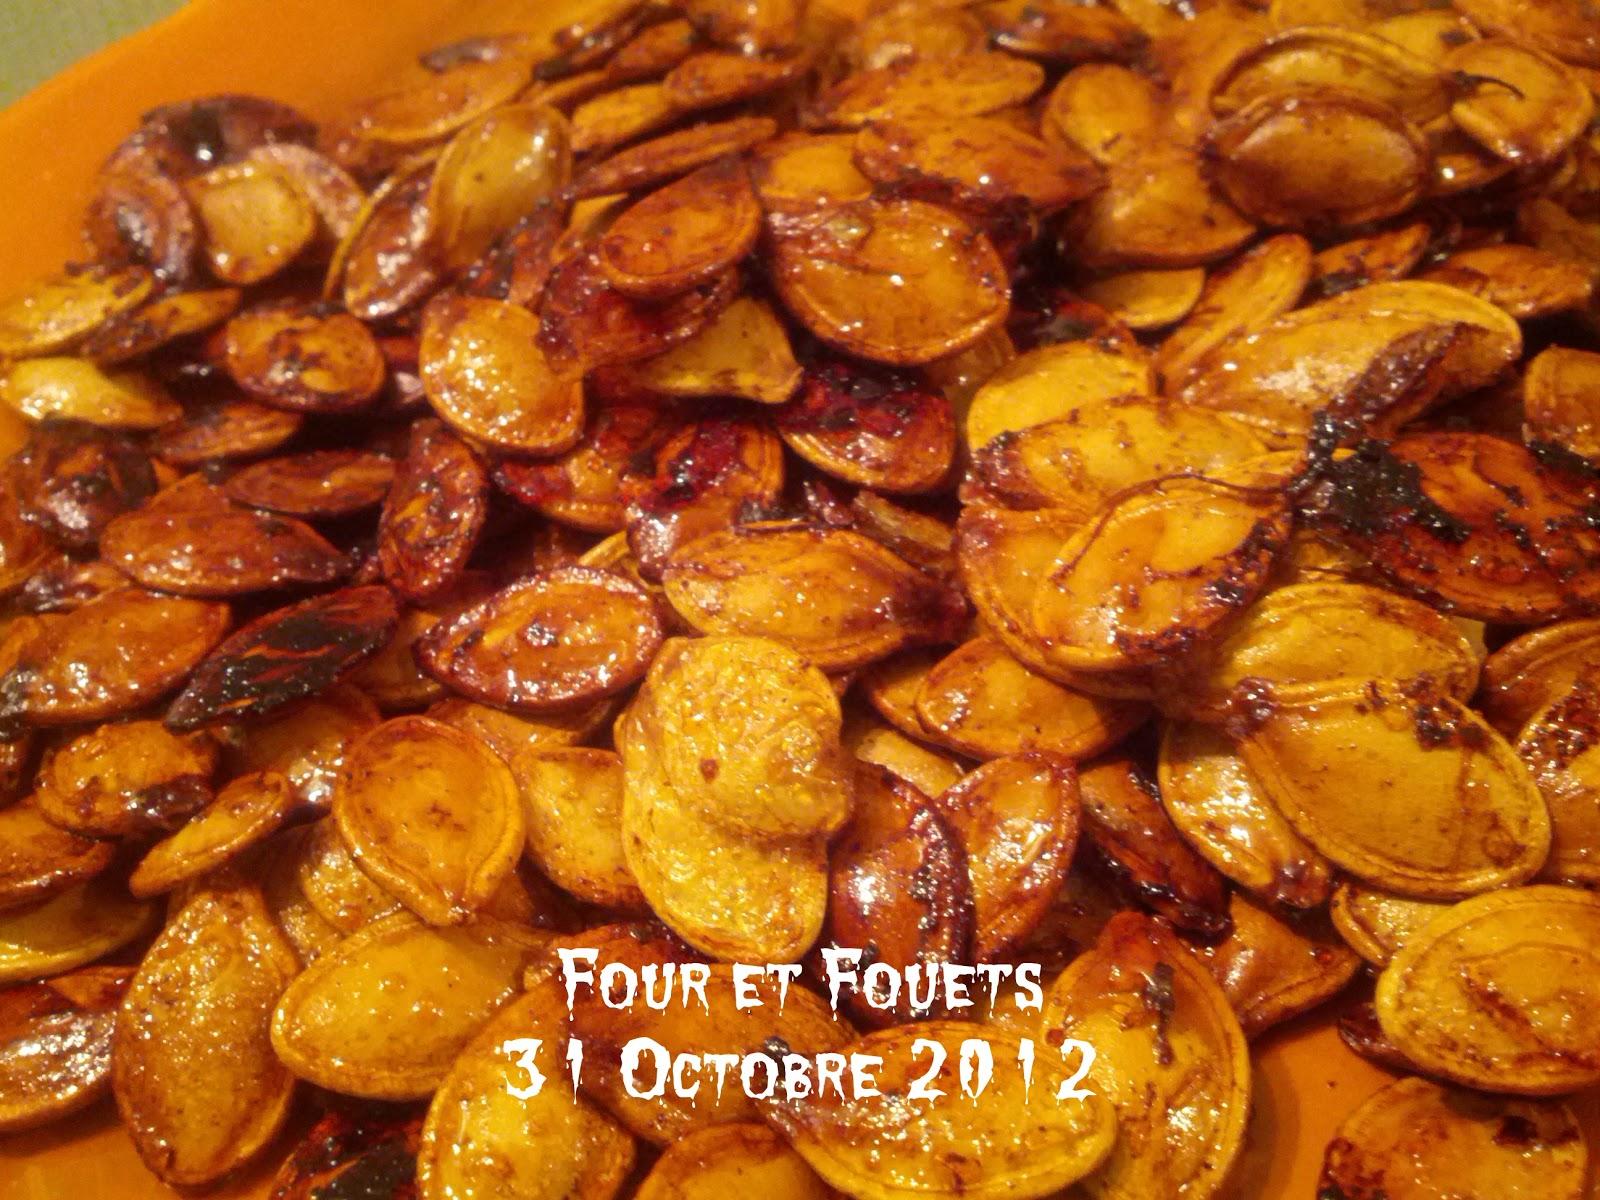 Four et fouets pour sara graines de citrouilles - Graines de citrouille grillees au four ...